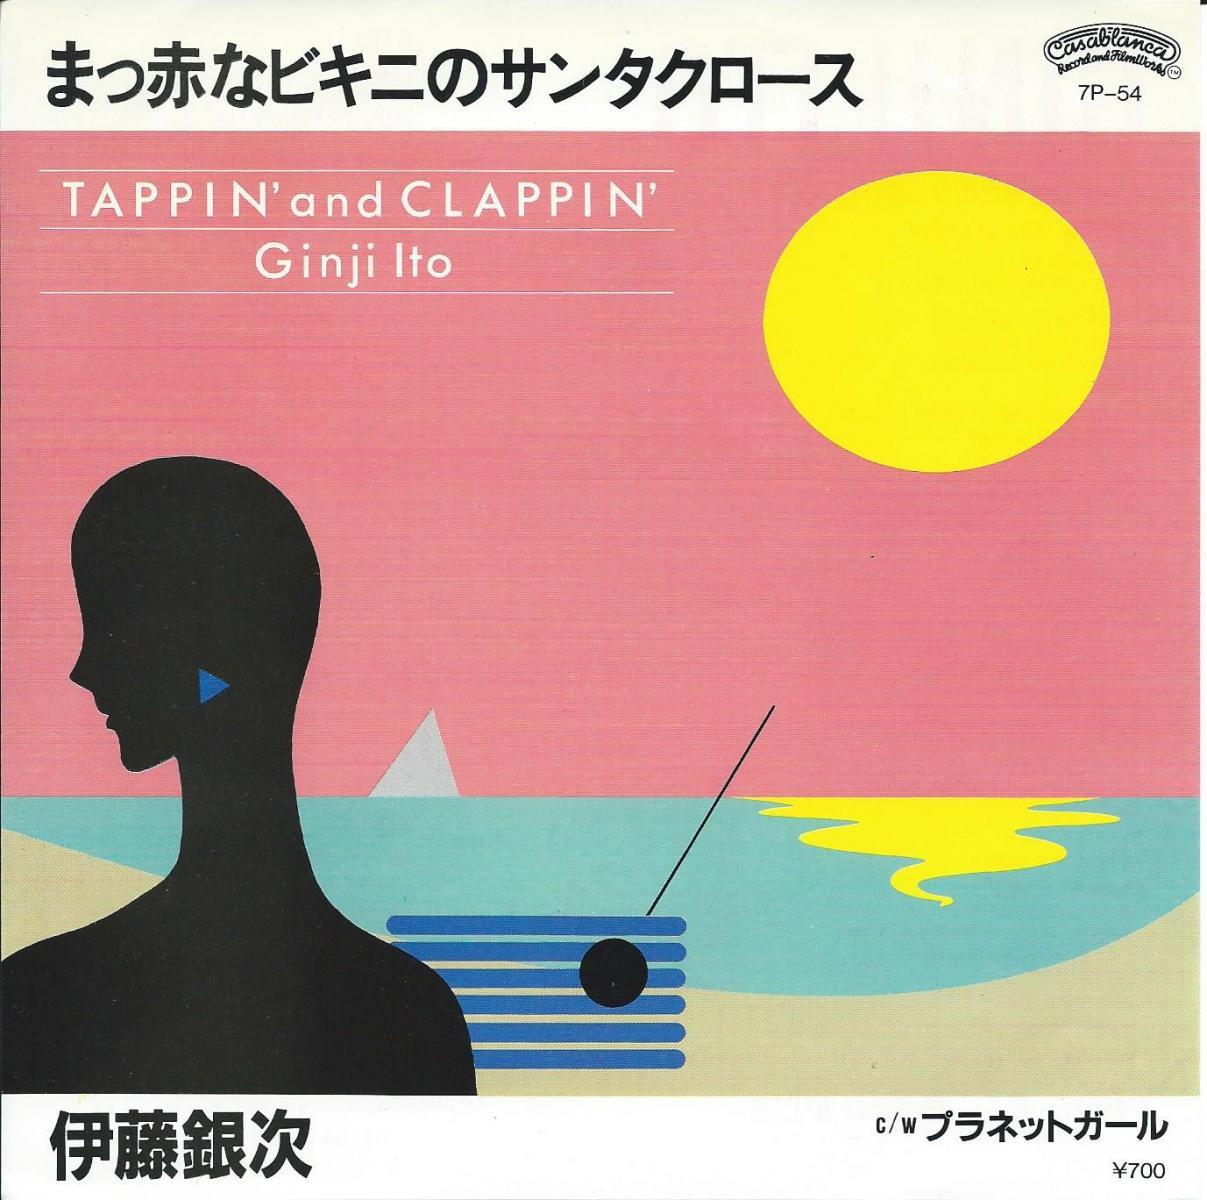 伊藤銀次 GINJI ITO / まっ赤なビキニのサンタクロース TAPPIN' AND CLAPPIN' (7